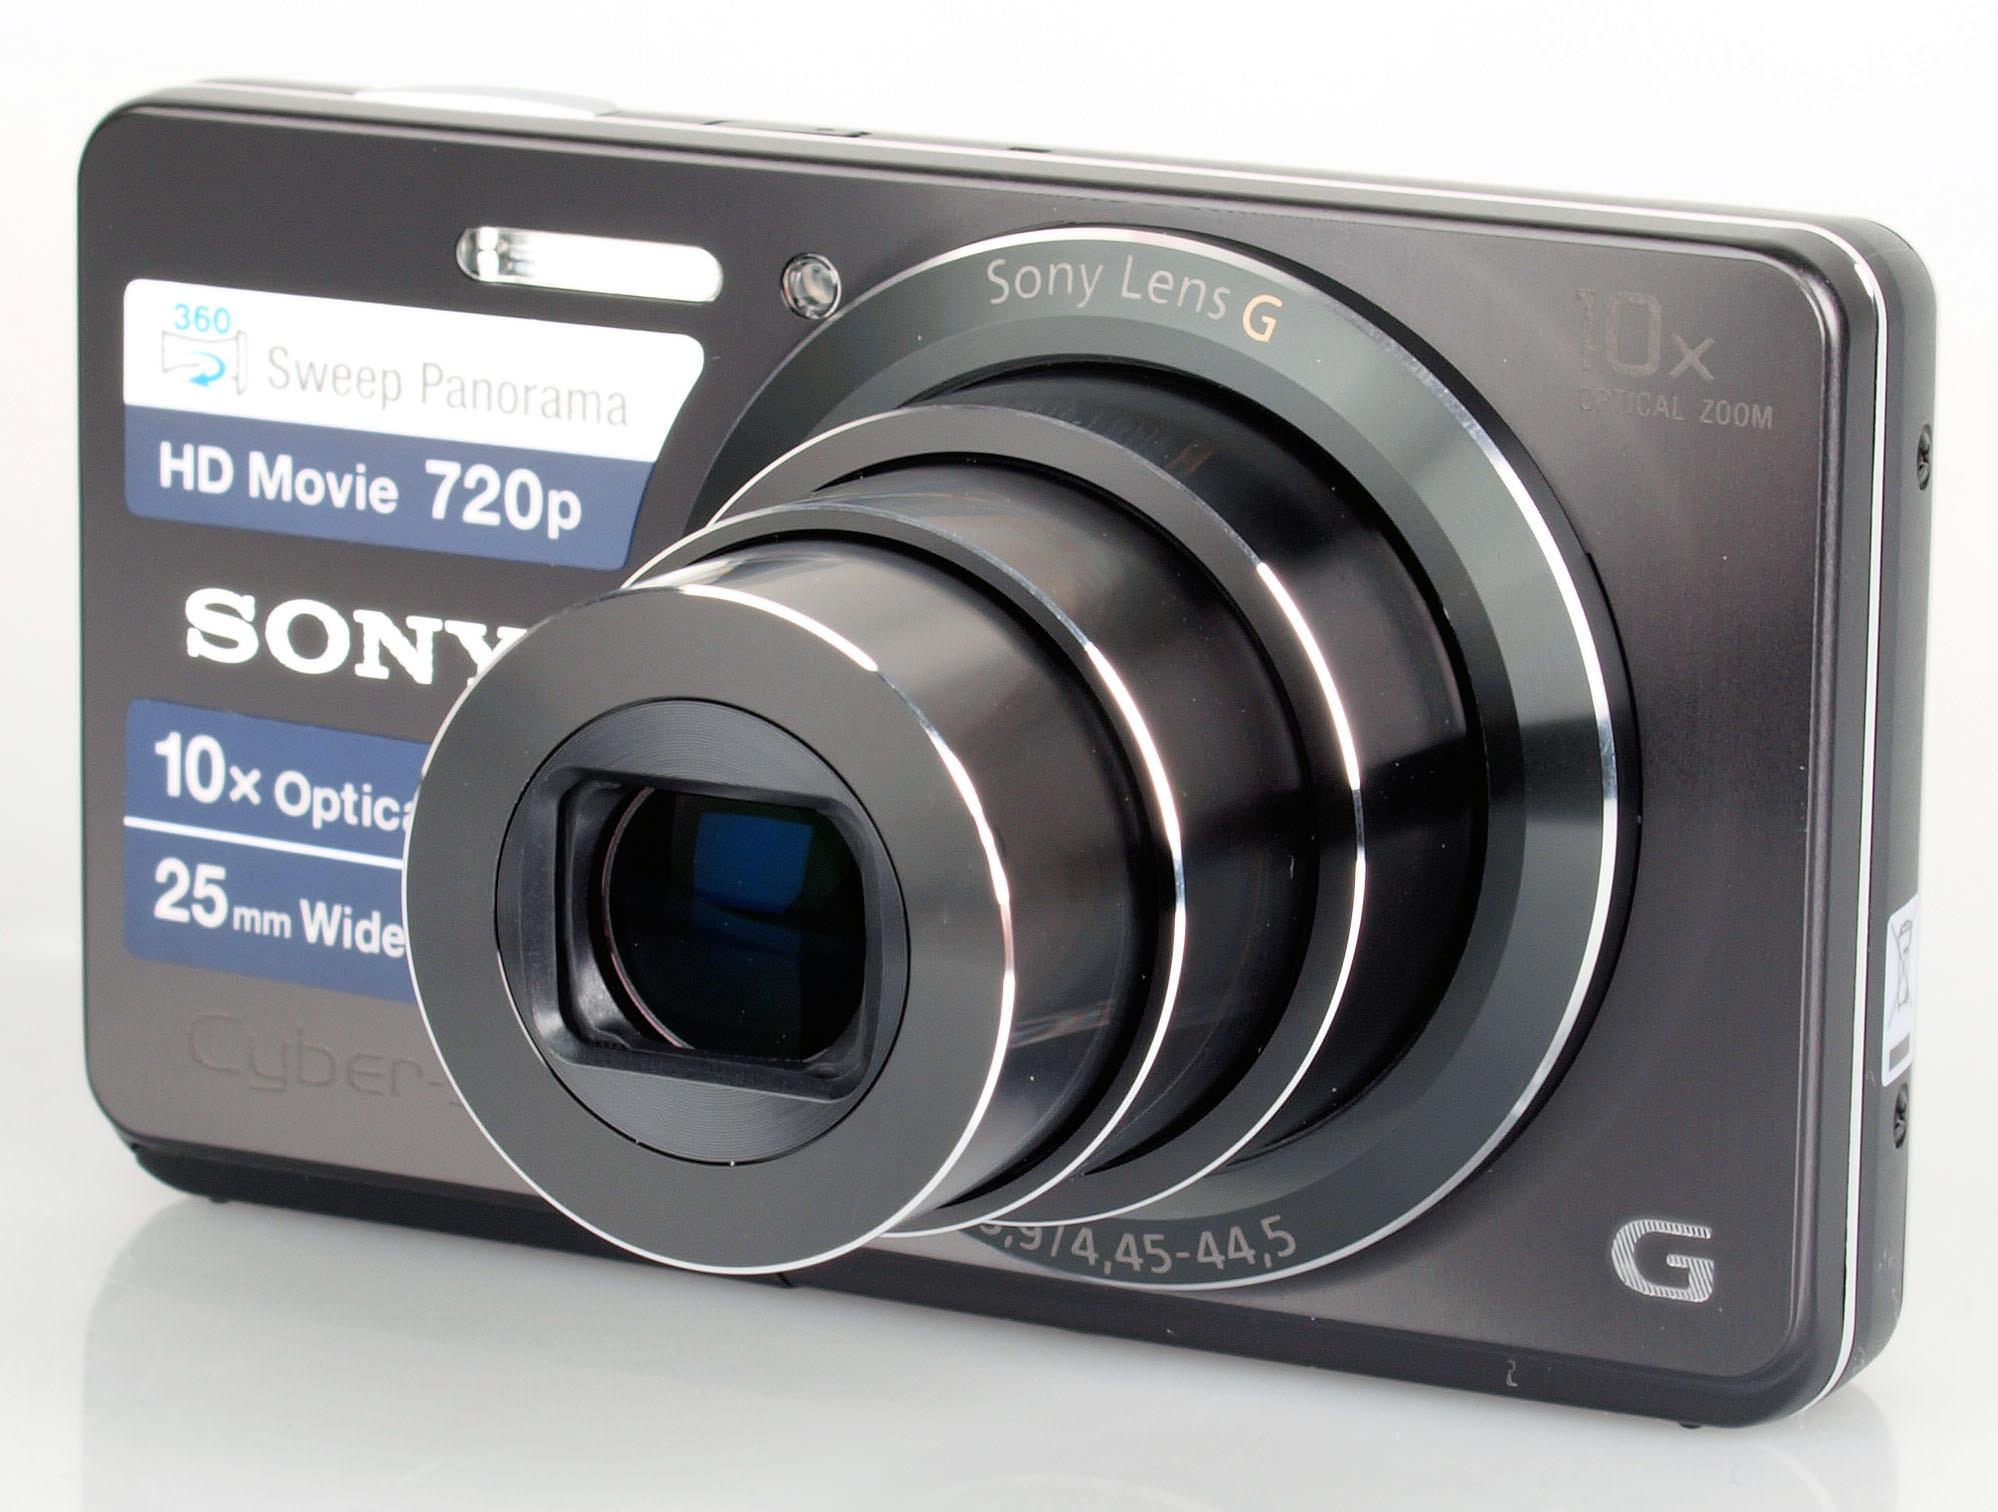 Sony Cybershot DSC-W690 Digital Camera Review